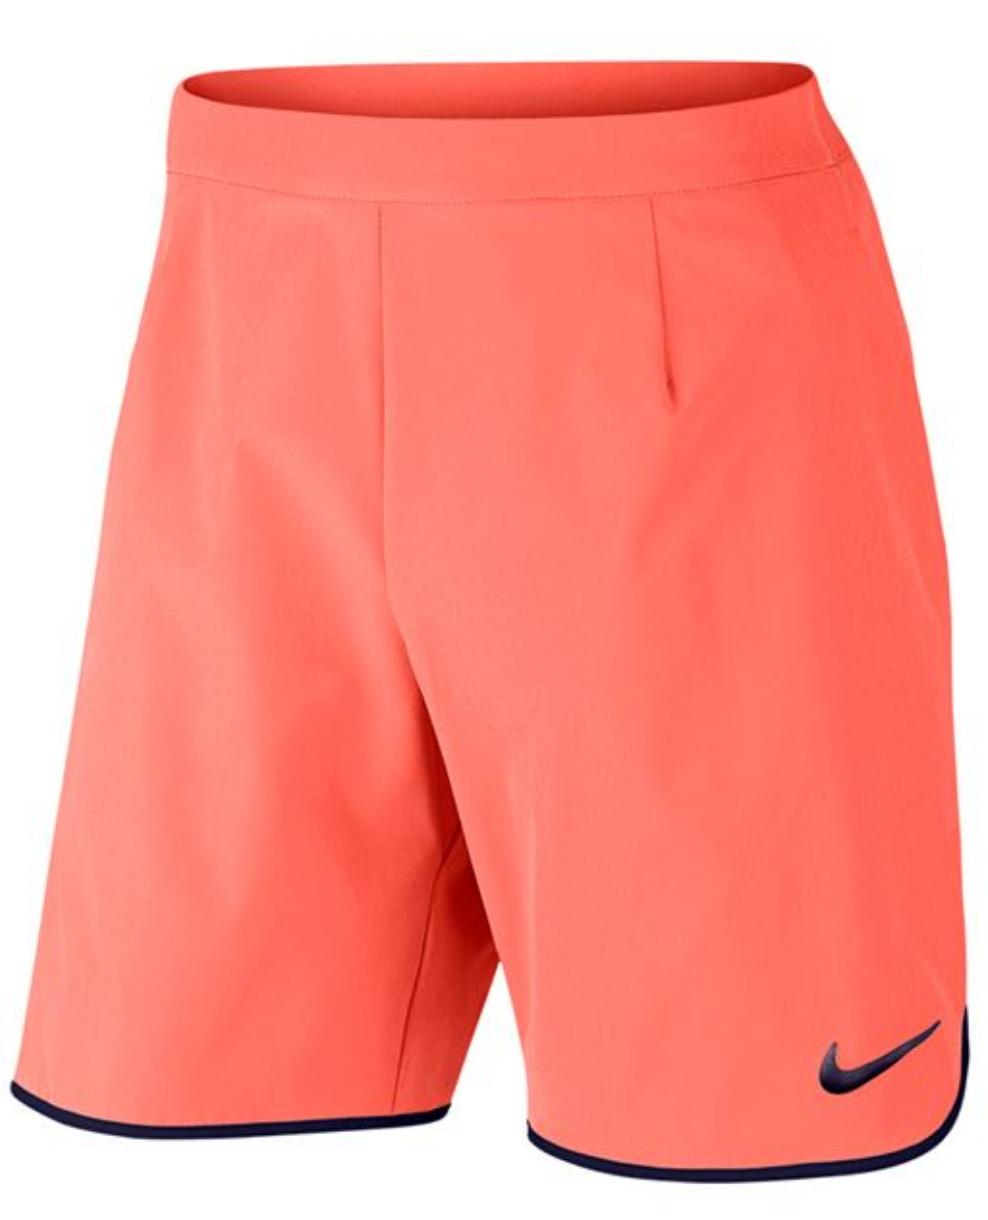 Roger Federer 2017 Hopman Cup Shorts 2